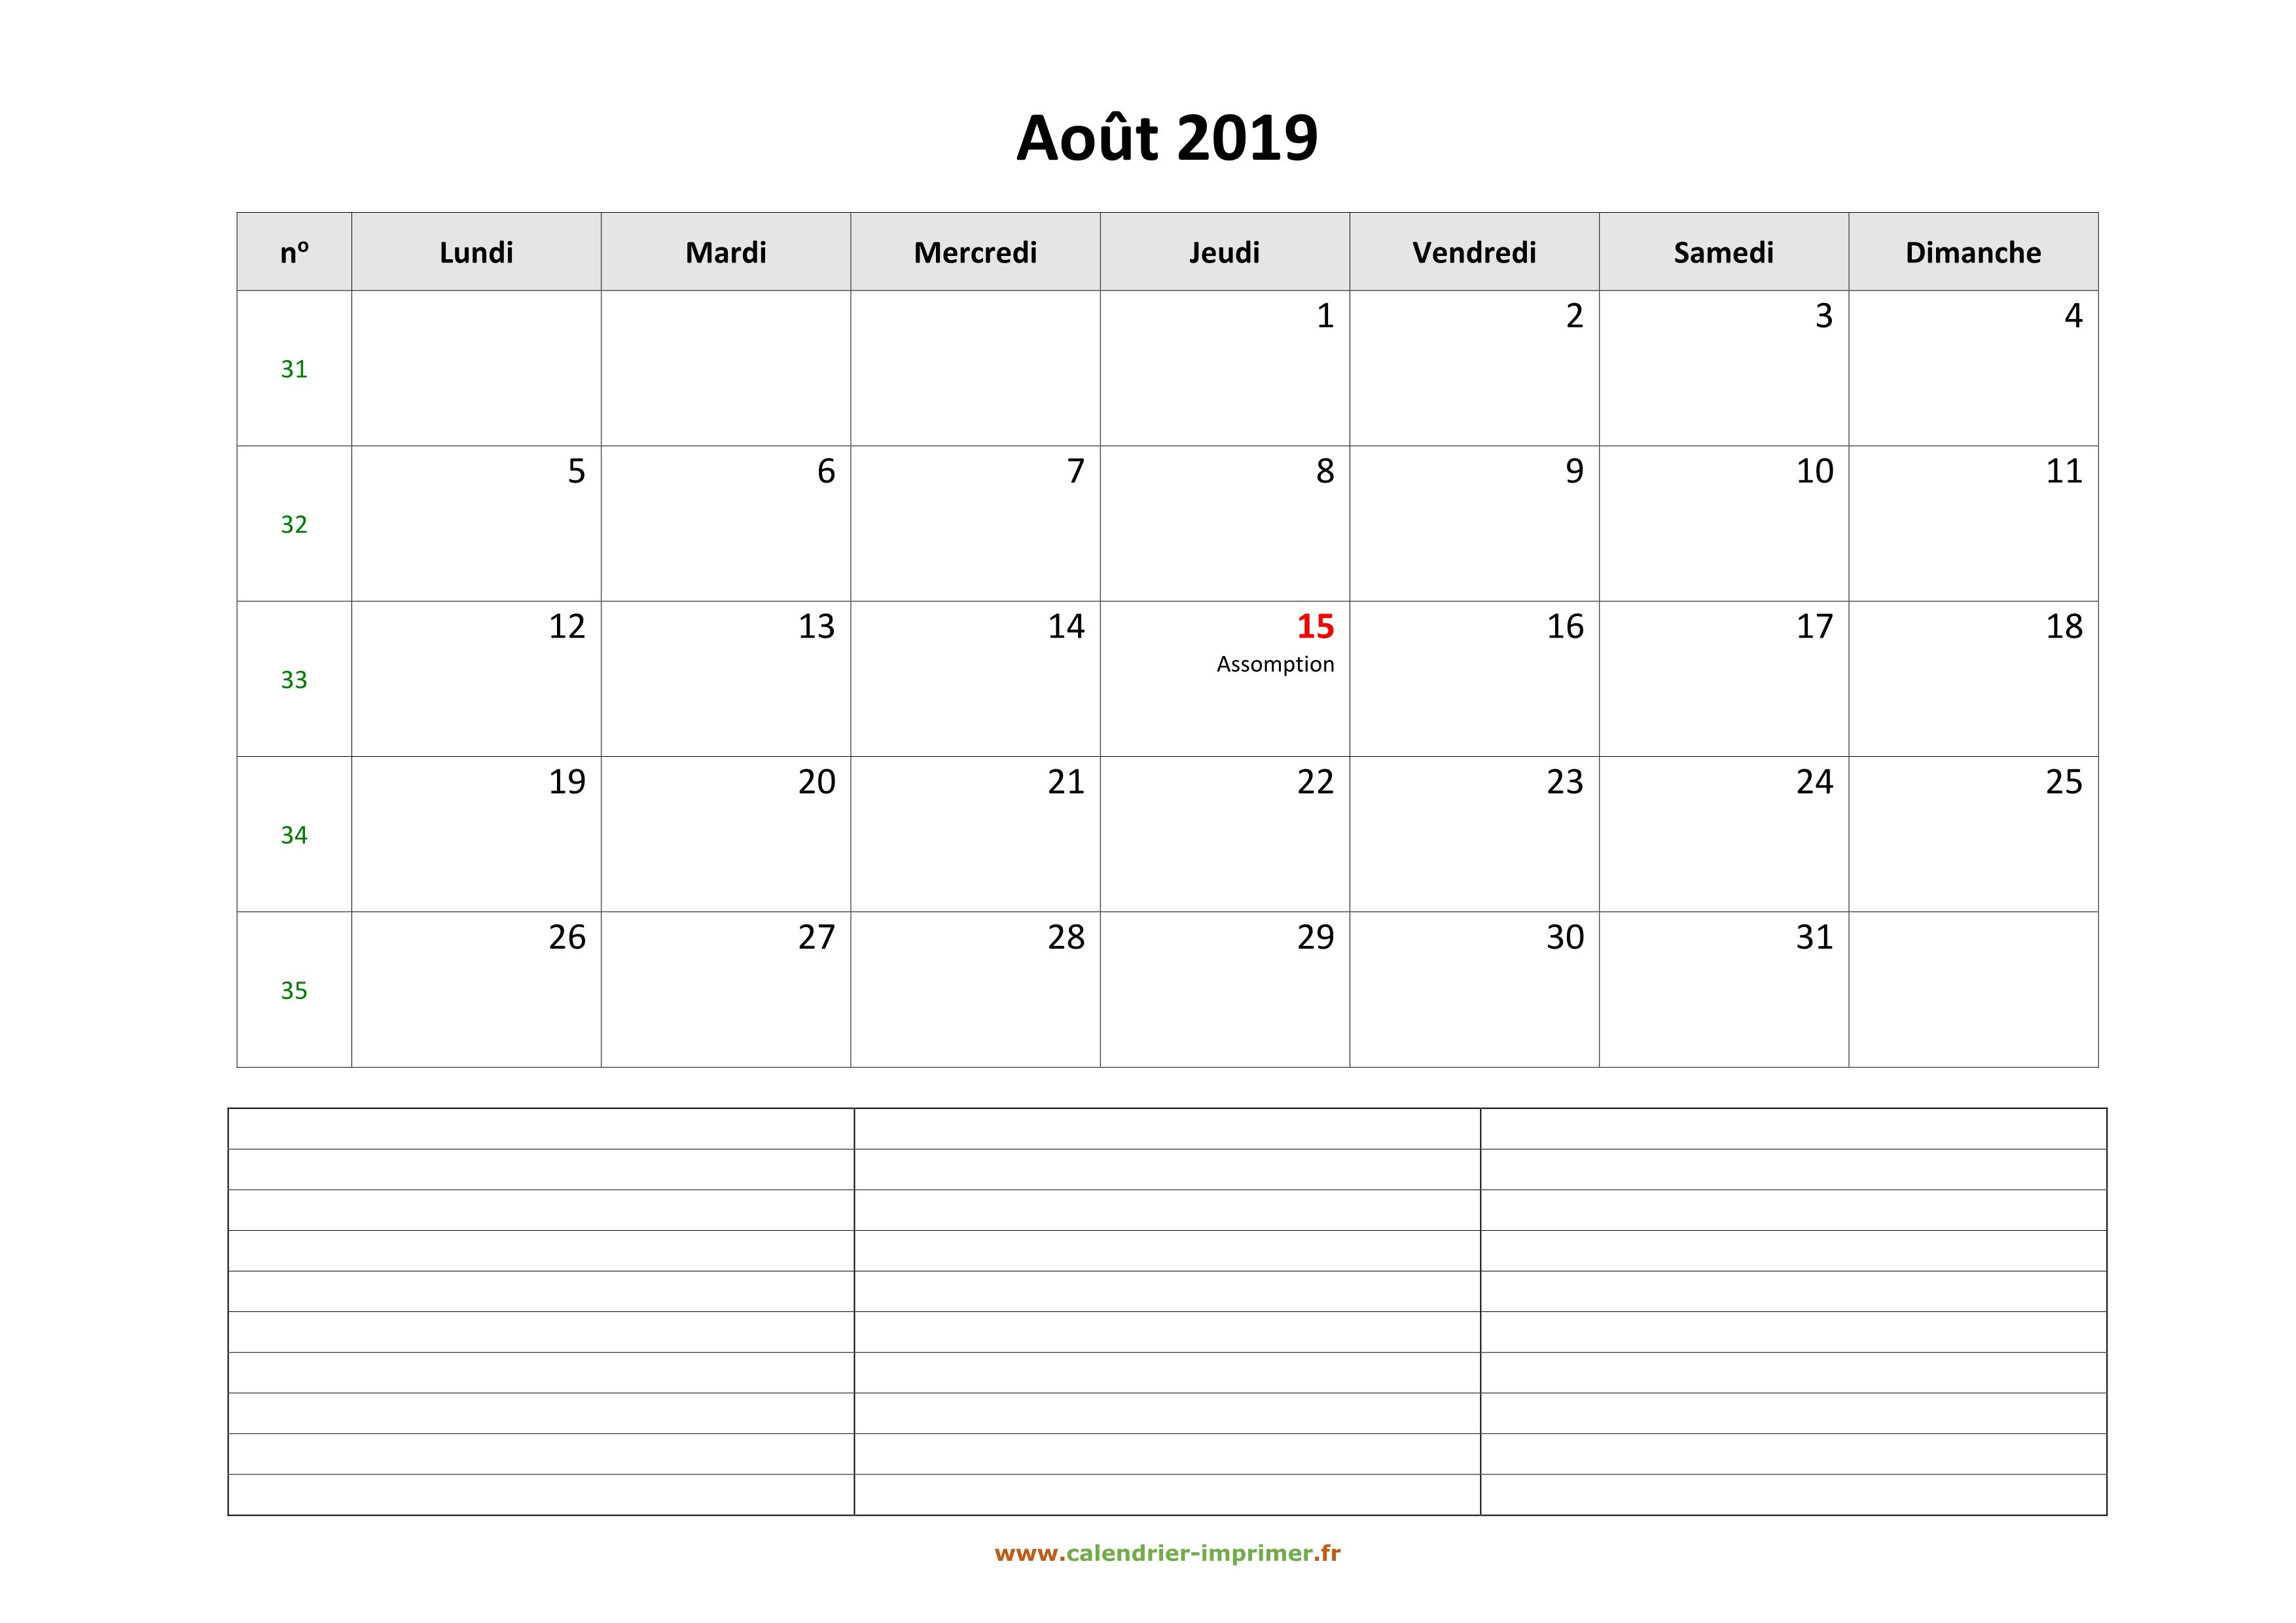 Calendrier Mois Aout 2019.Calendrier Aout 2019 A Imprimer